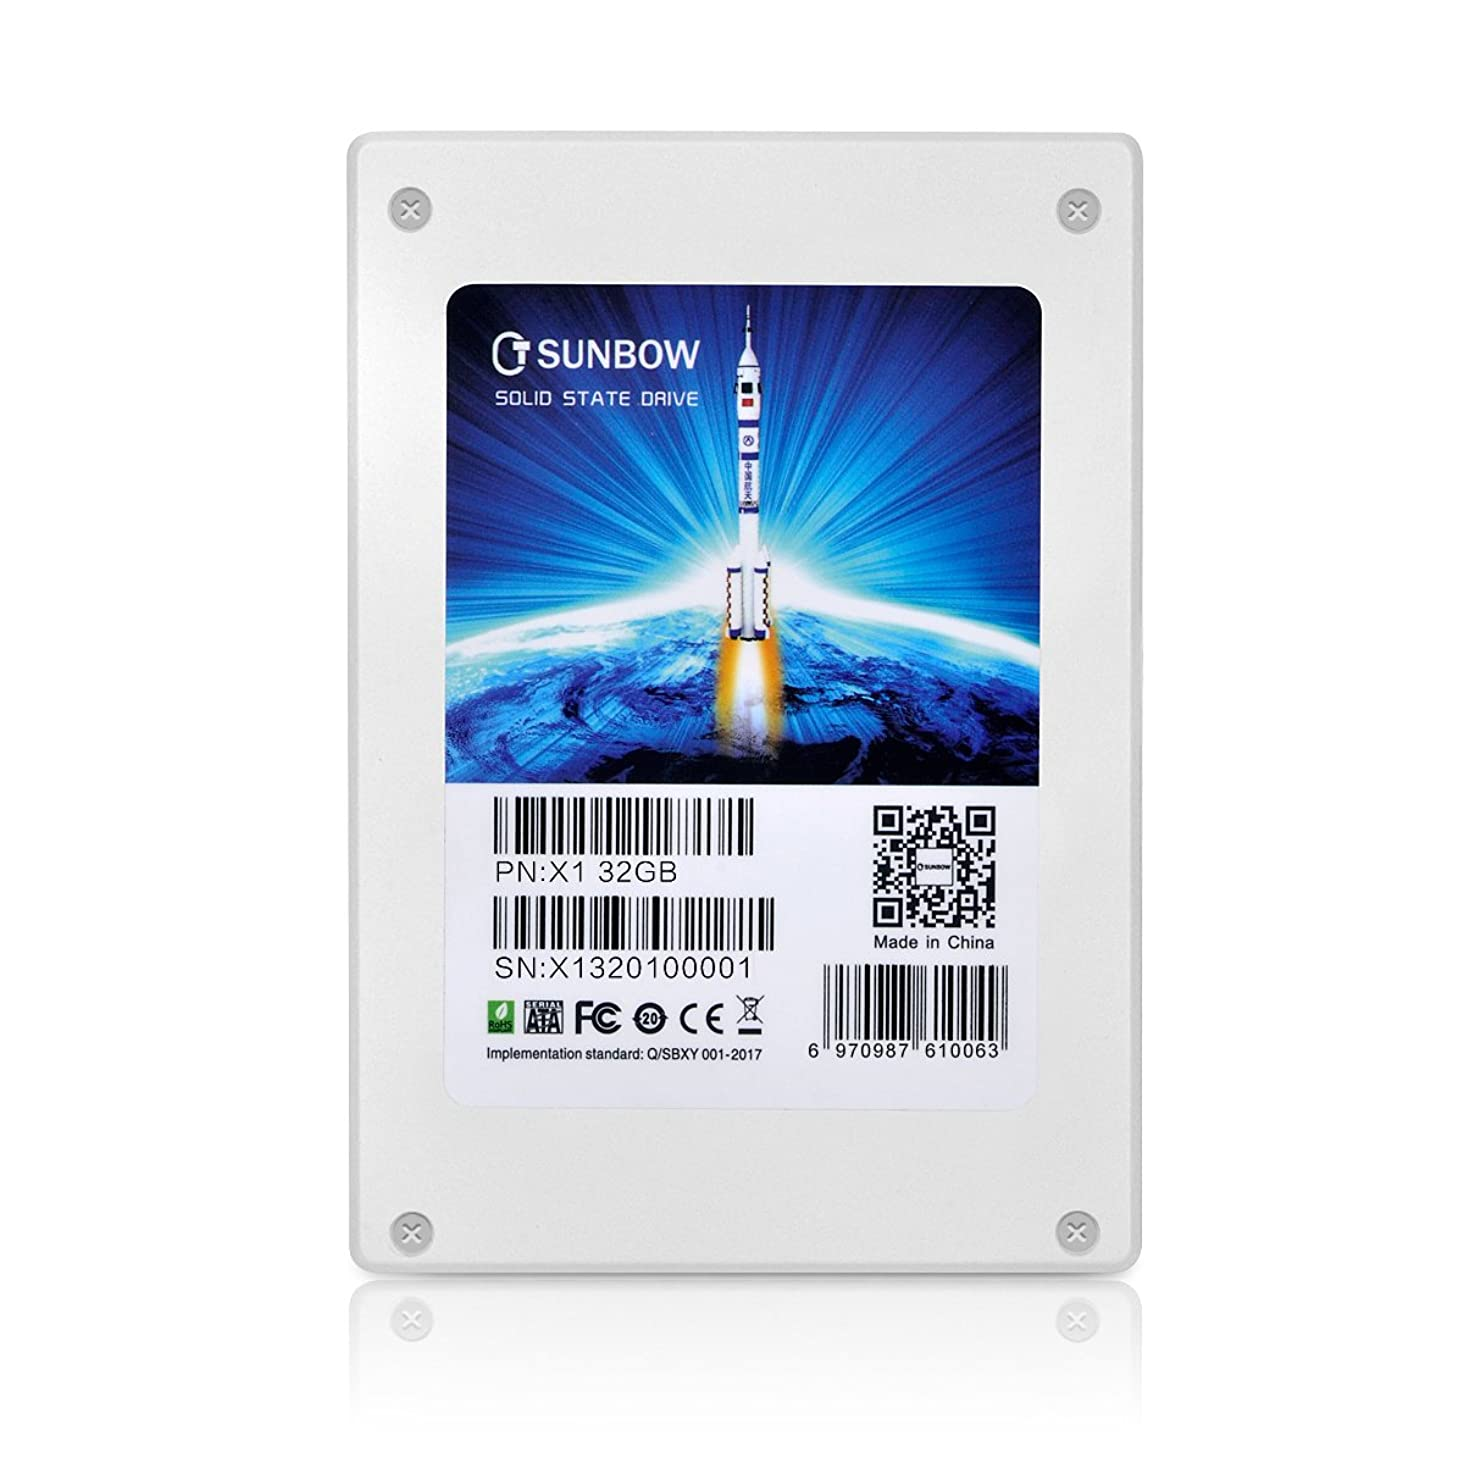 欺く打ち上げるセーターTcSunBow 32GB小容量SSDプロモーションデスクトップPCとMacPro用の2.5インチSATA II内蔵ソリッドステートドライブスピードアップグレードキット(X1 32GB)